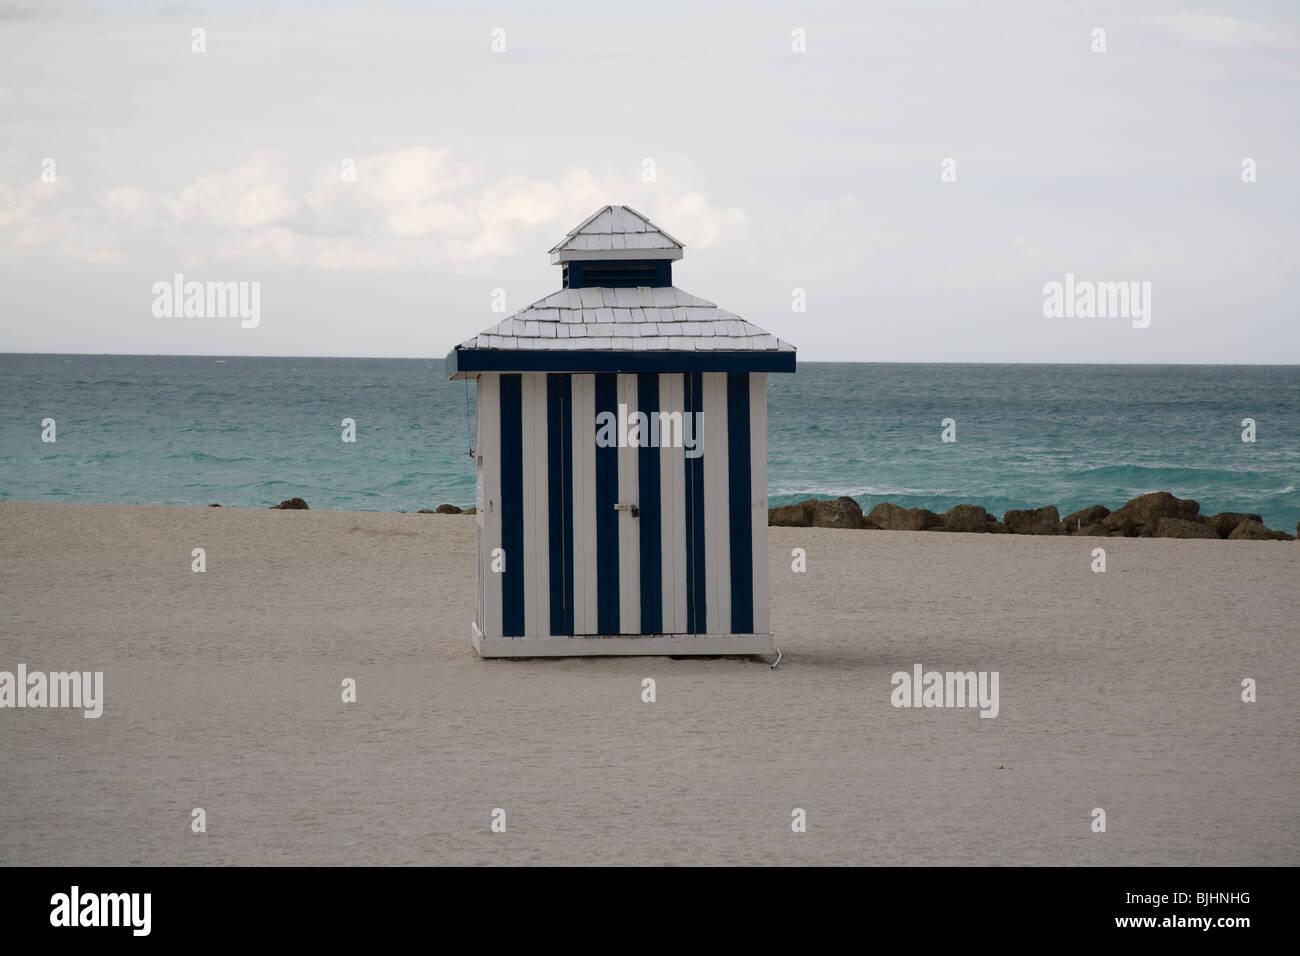 Azul y blanco stripey cabaña en la playa en South Beach, Miami, Florida, EE.UU. Imagen De Stock